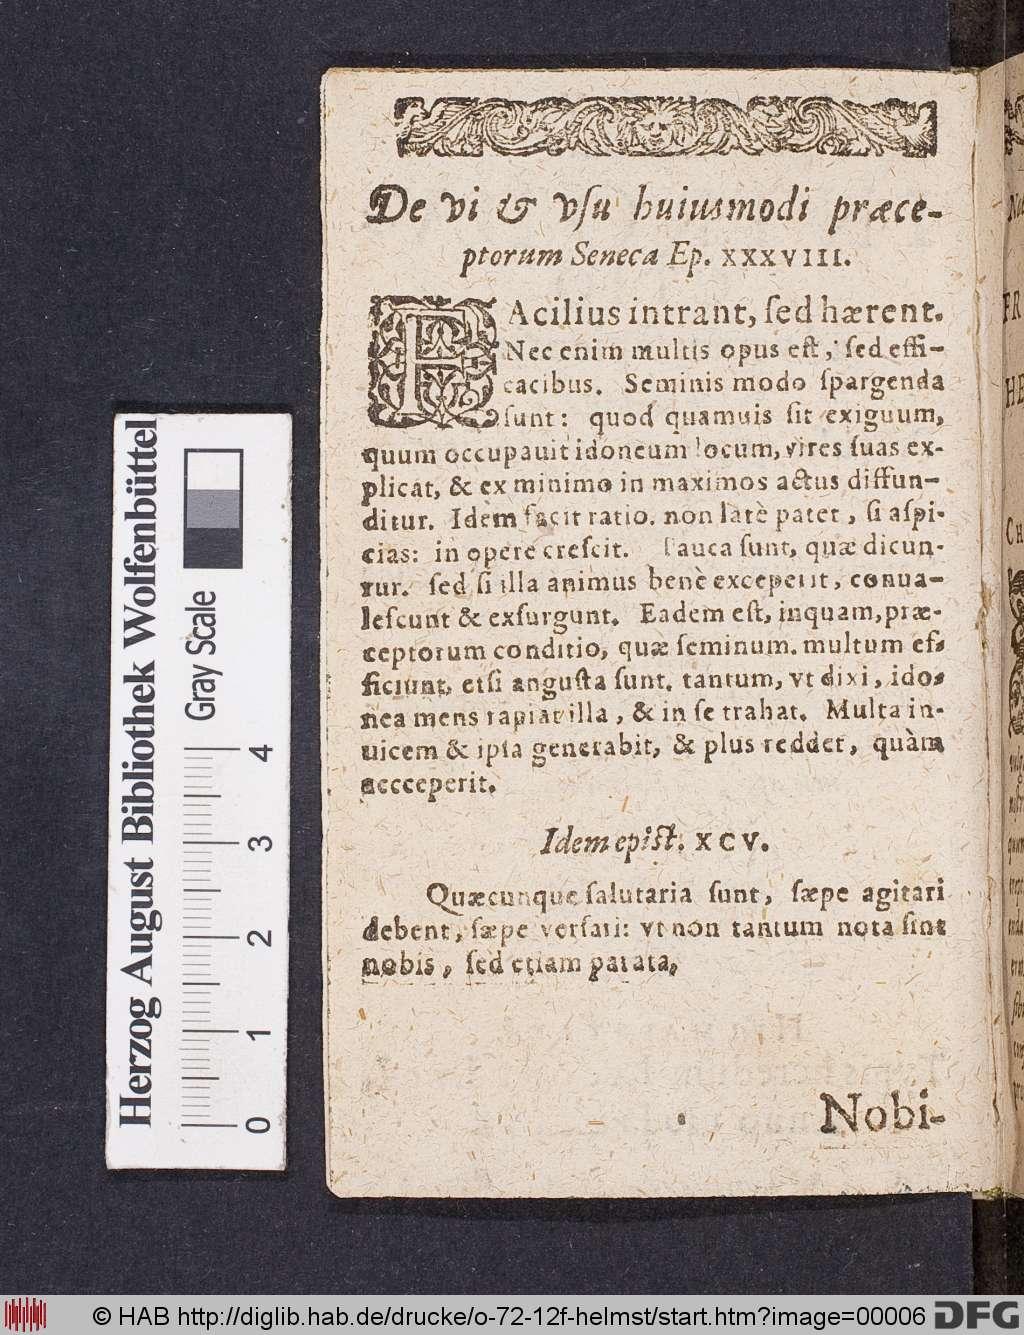 http://diglib.hab.de/drucke/o-72-12f-helmst/00006.jpg